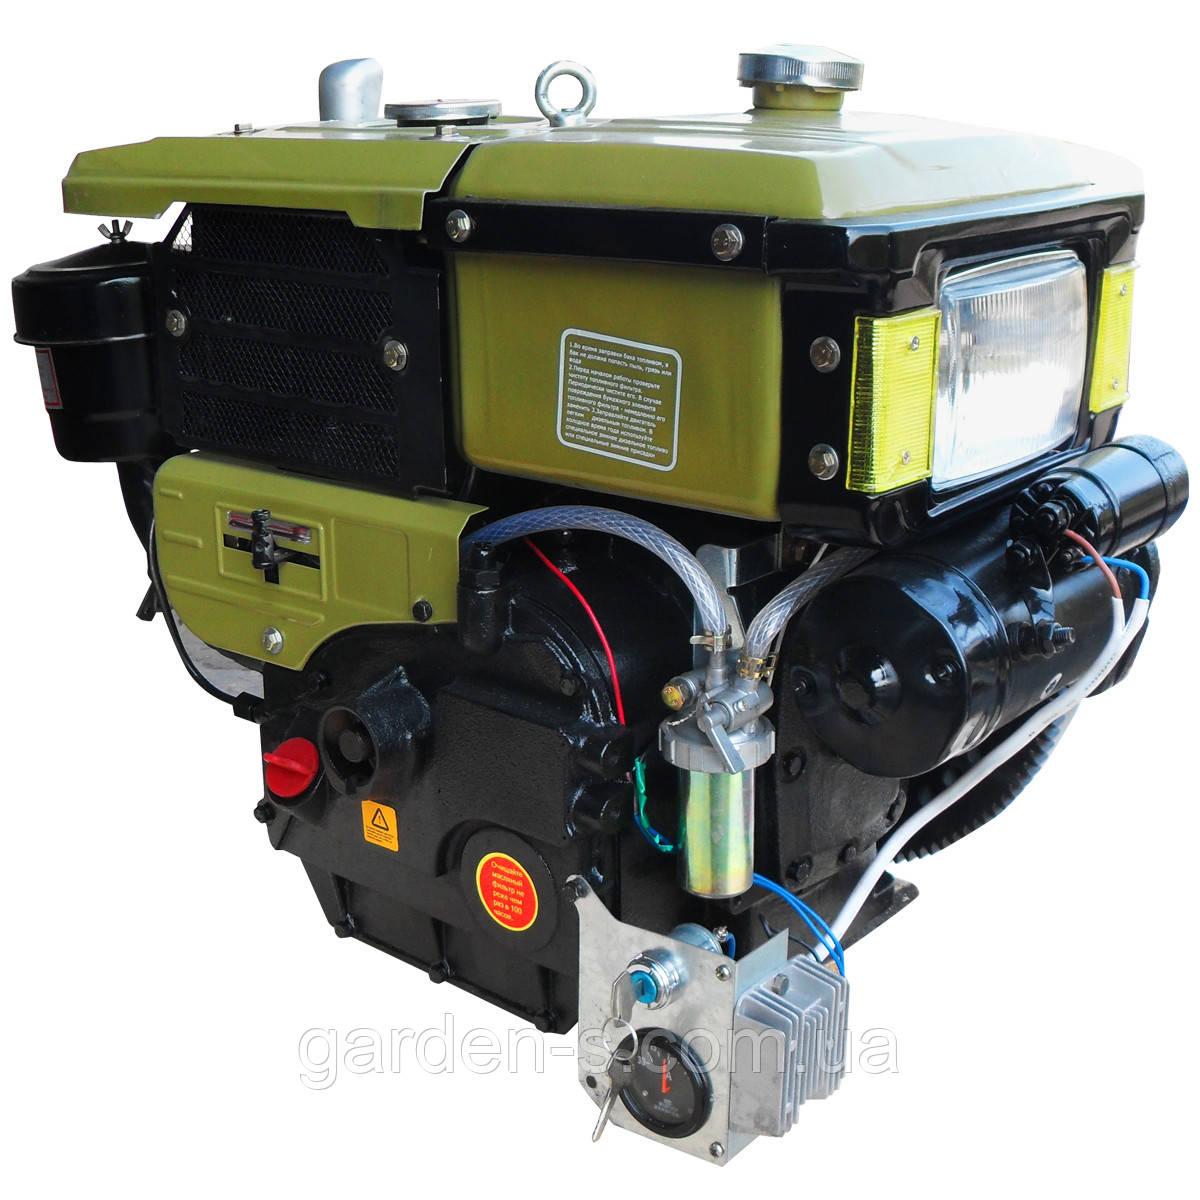 Дизельный двигатель Кентавр ДД195ВЭ 12 лс (с электростартером)